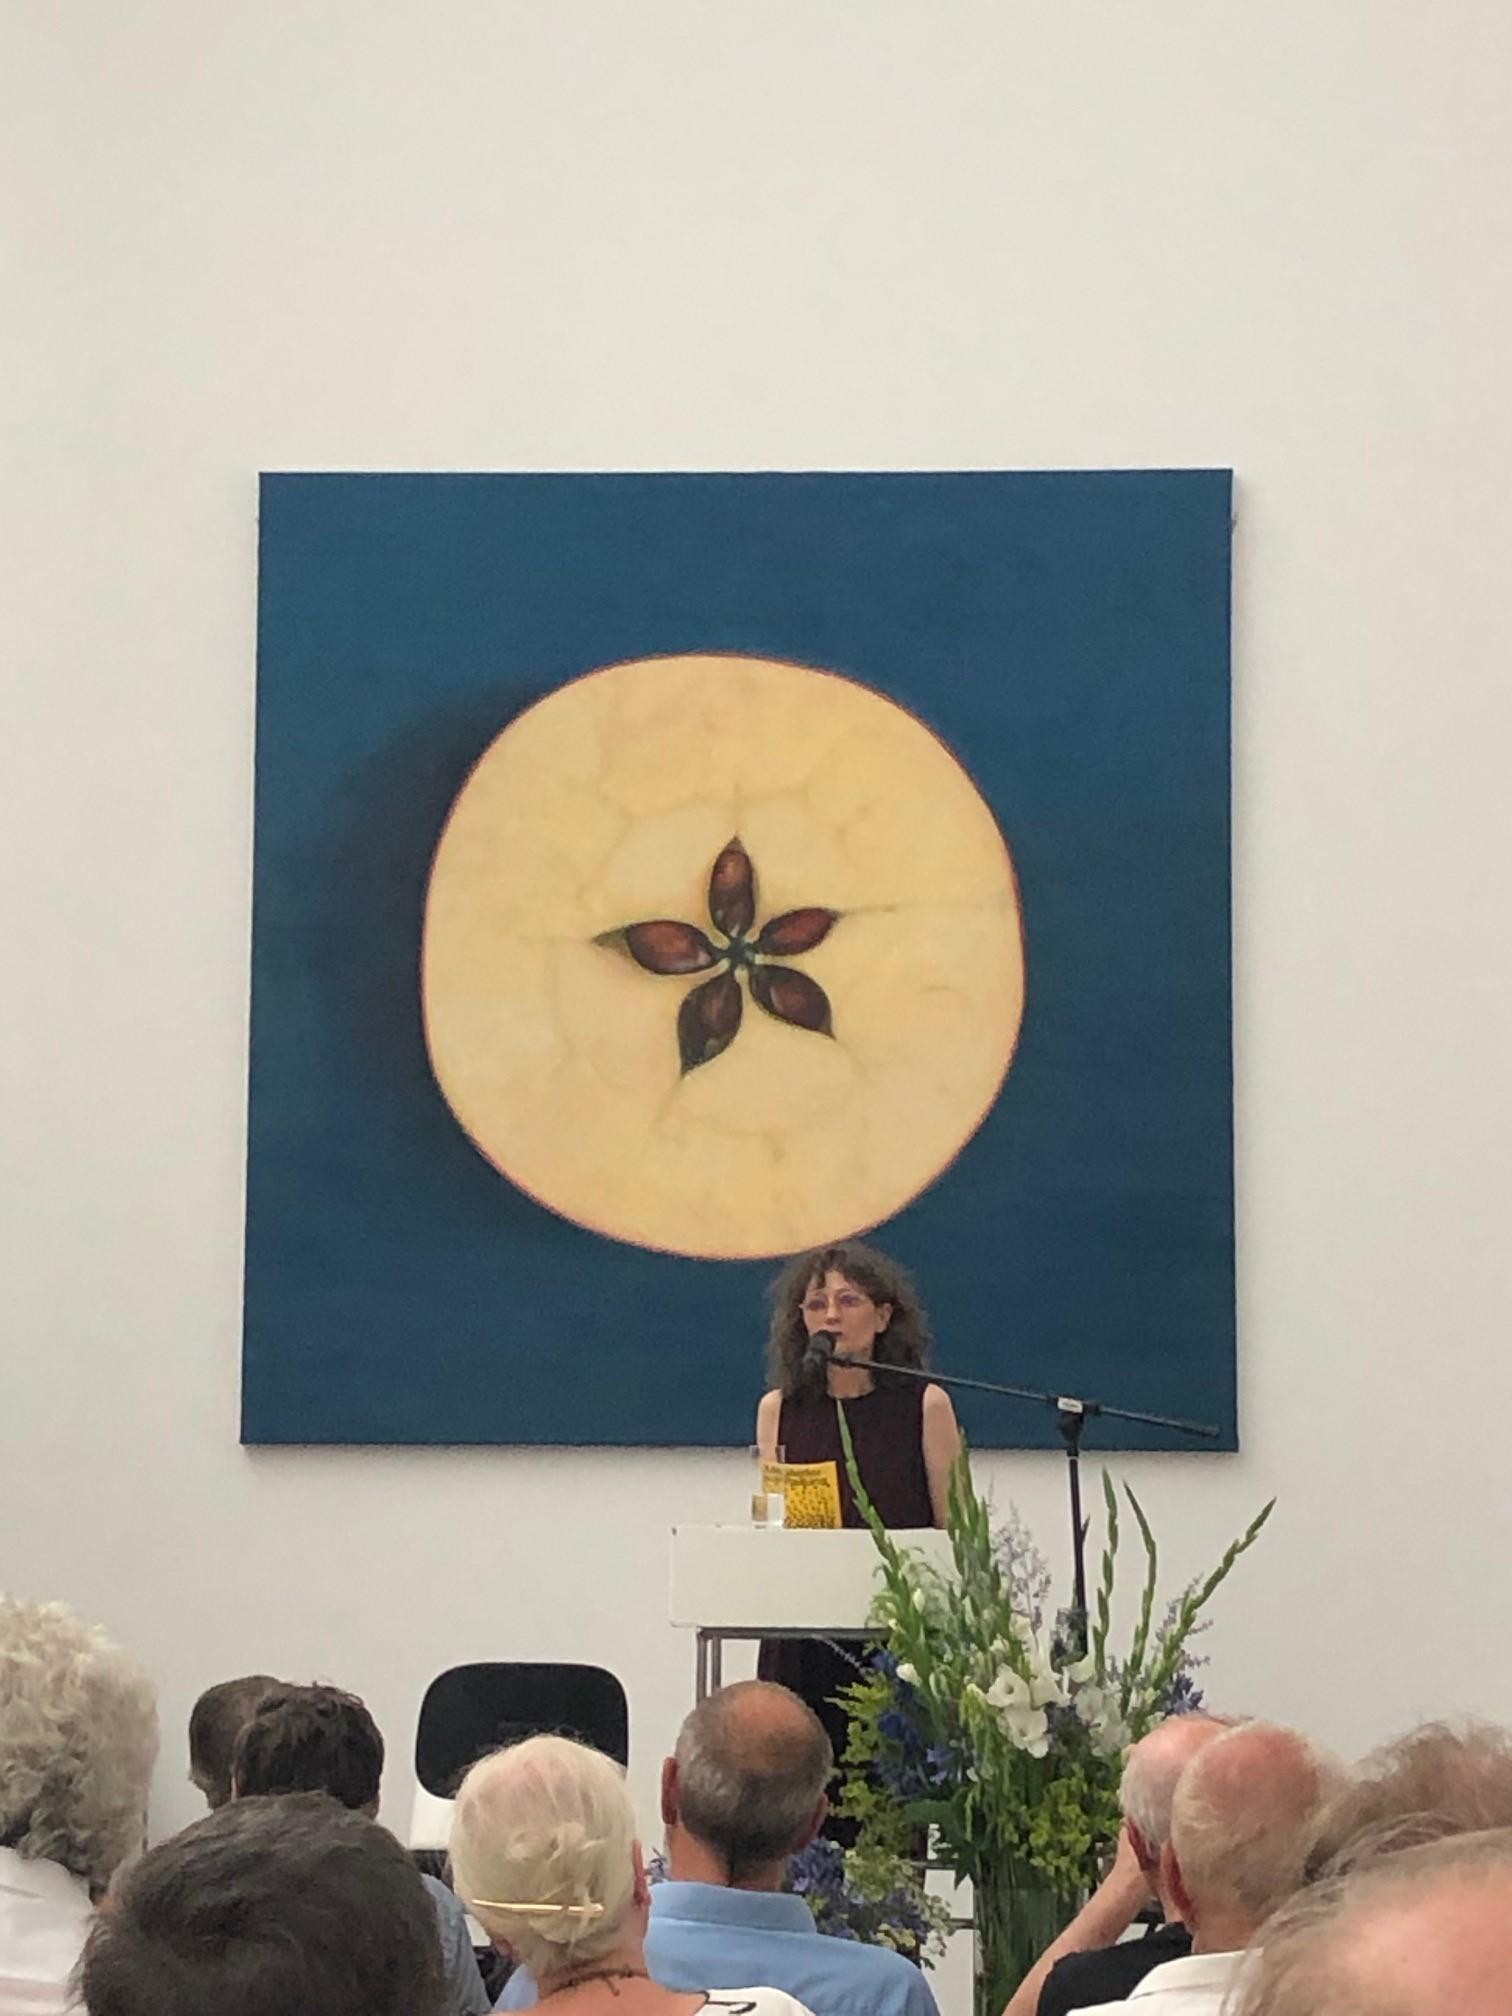 Eröffnung der Jubiläumsfeier des HDKV vor dem Gemälde von Antje Majewski